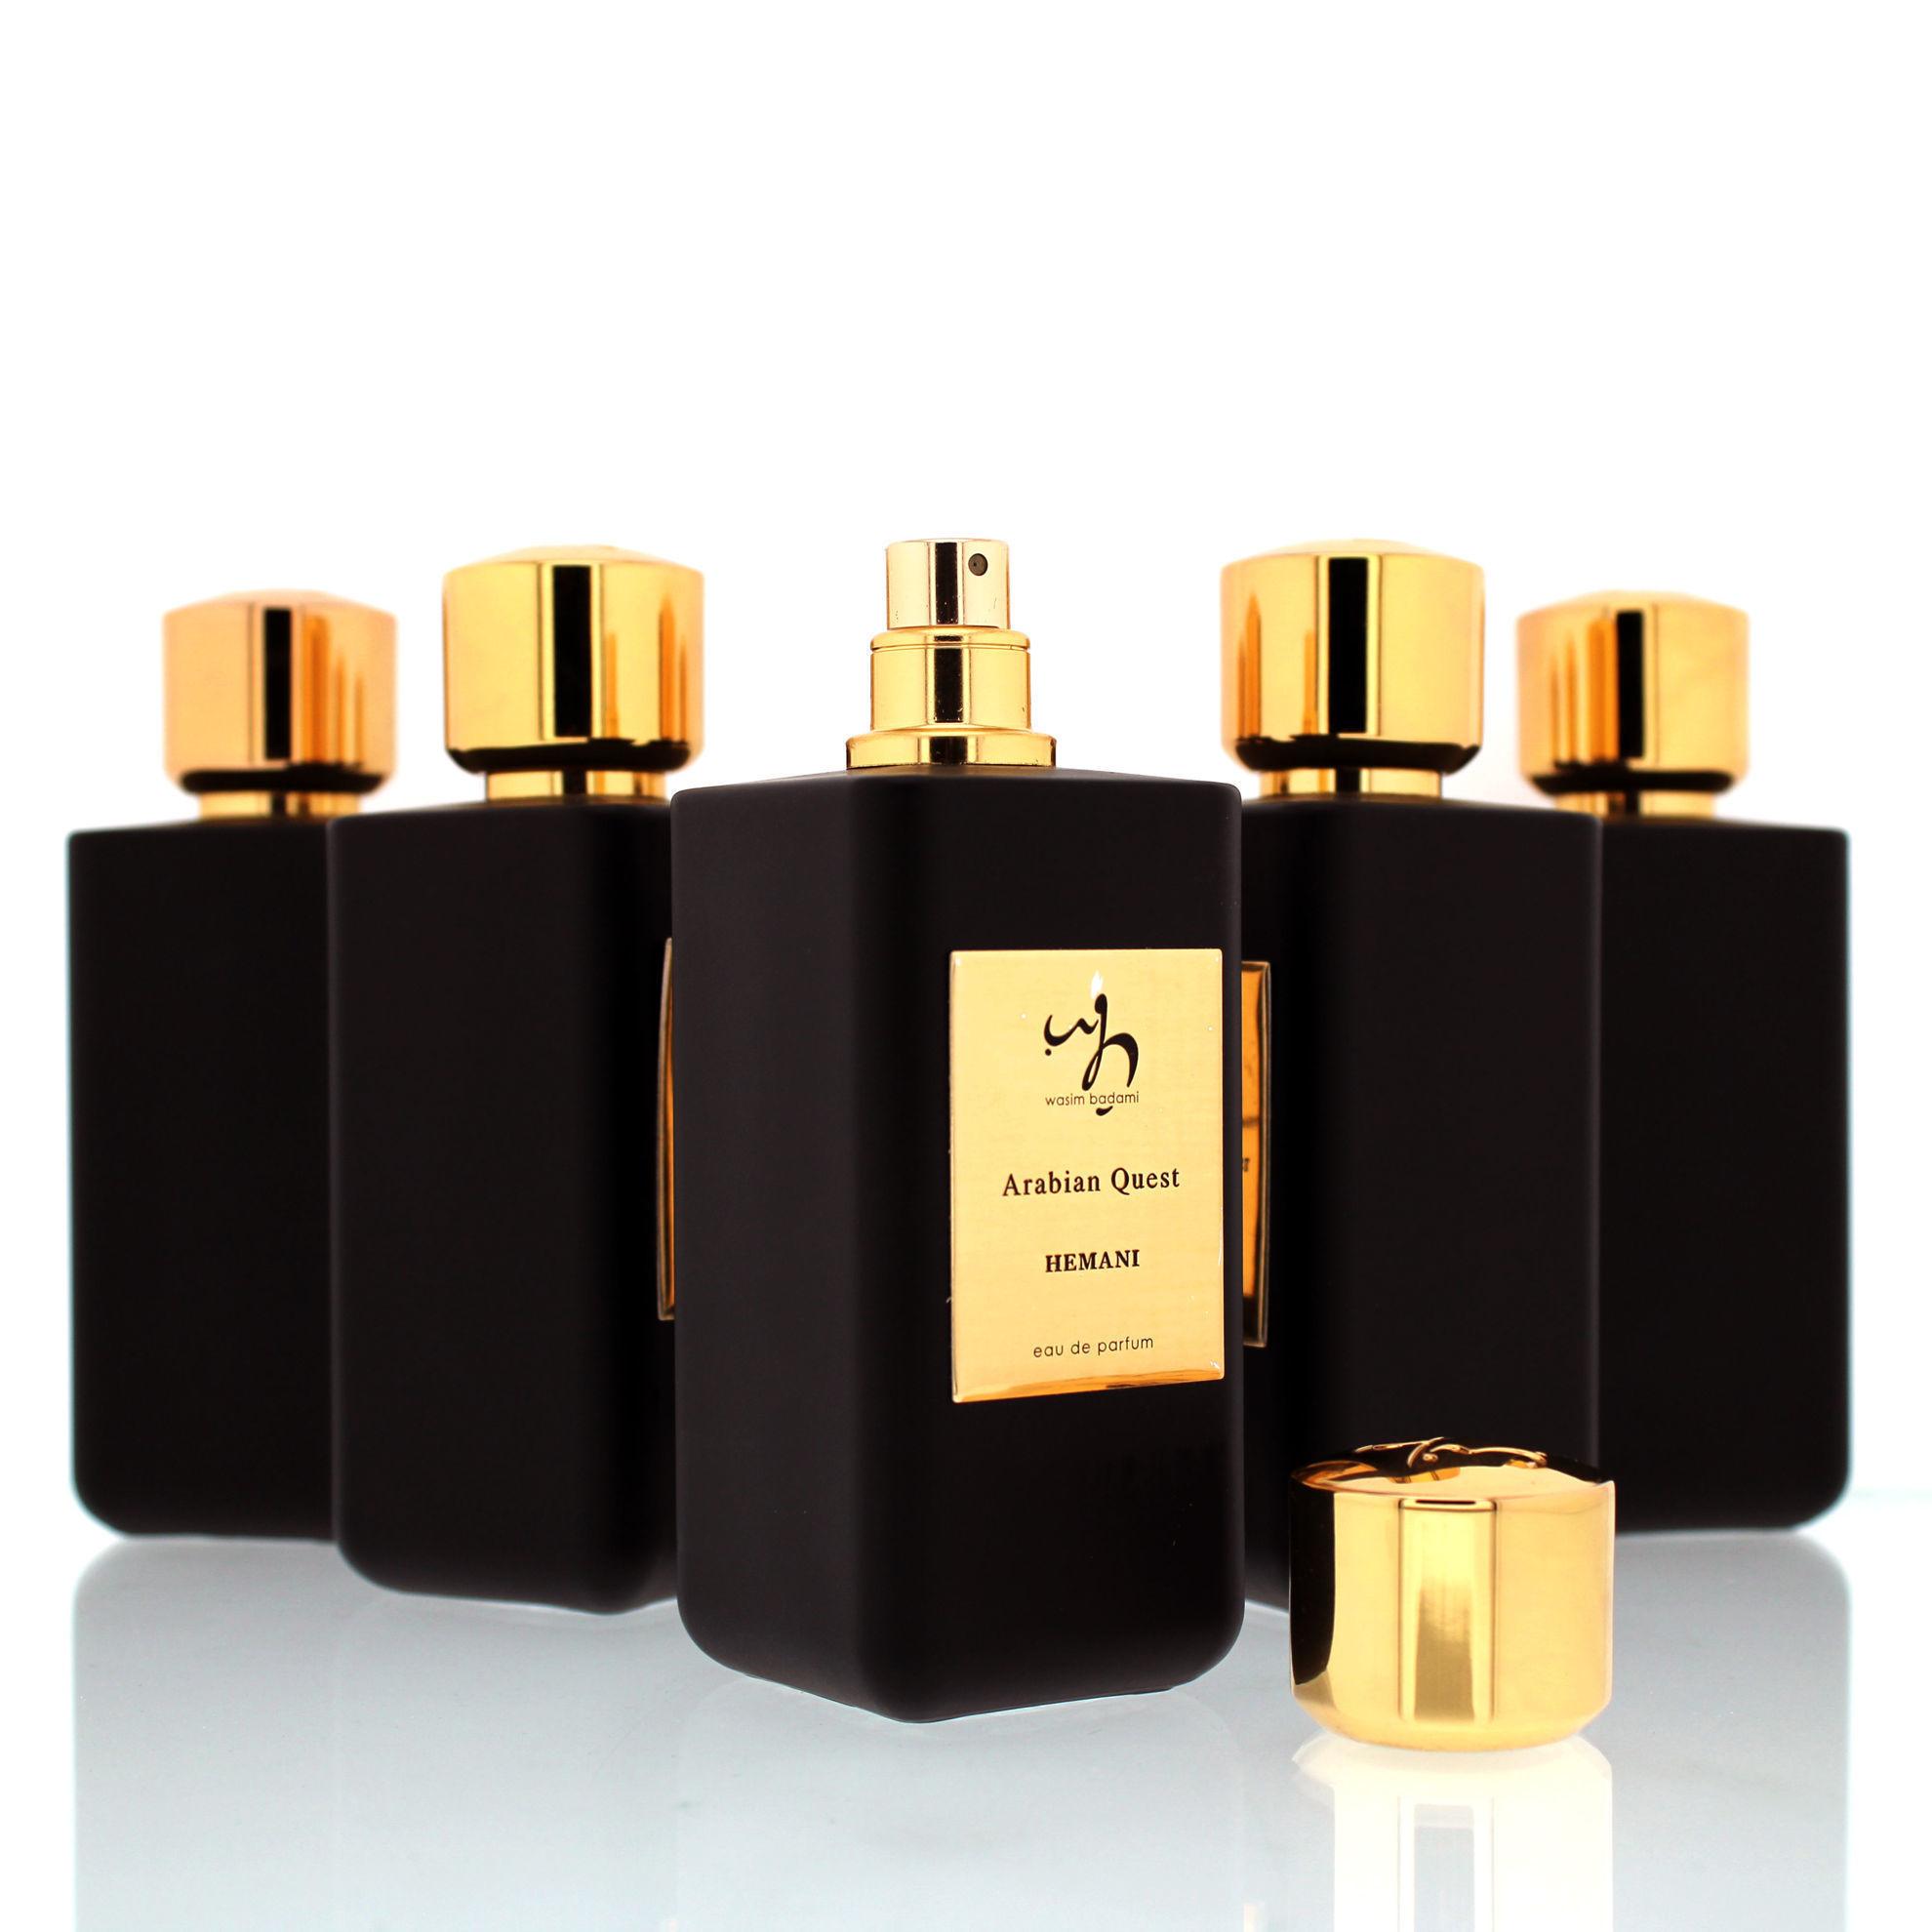 Arabian Quest Perfume For Men & Women